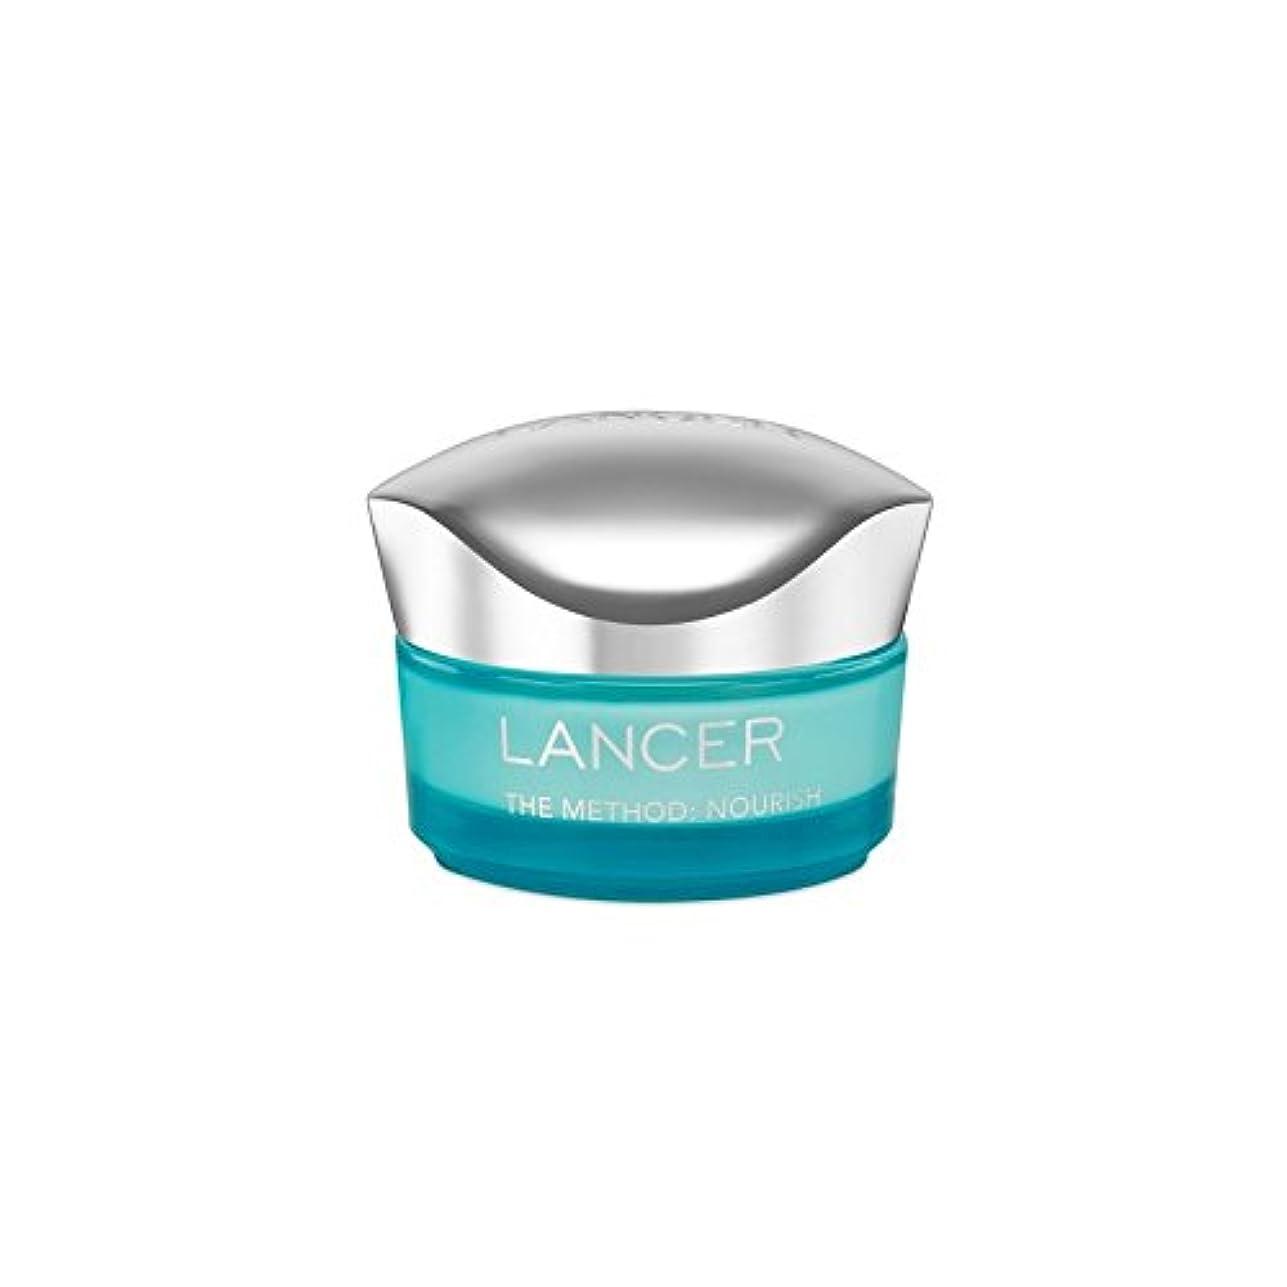 コークス優先権フレッシュLancer Skincare The Method: Nourish Moisturiser (50ml) - ランサーは、この方法をスキンケア:モイスチャライザー(50)に栄養を与えます [並行輸入品]